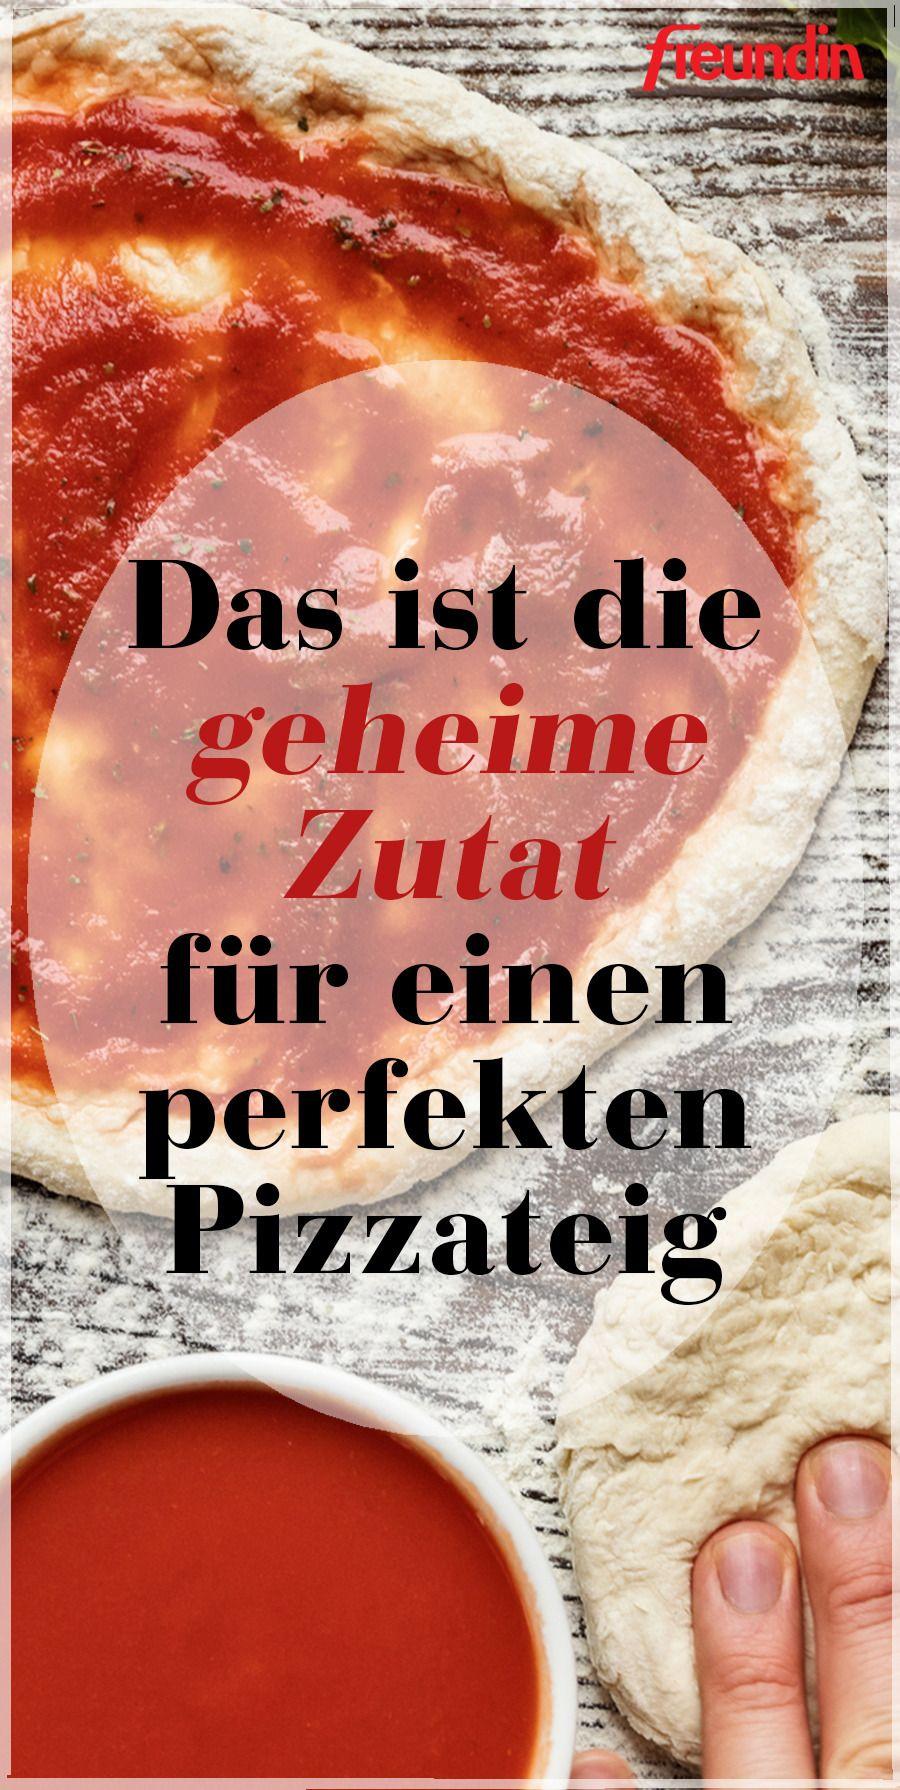 Das ist die geheime Zutat für einen perfekten Pizzateig | freundin.de